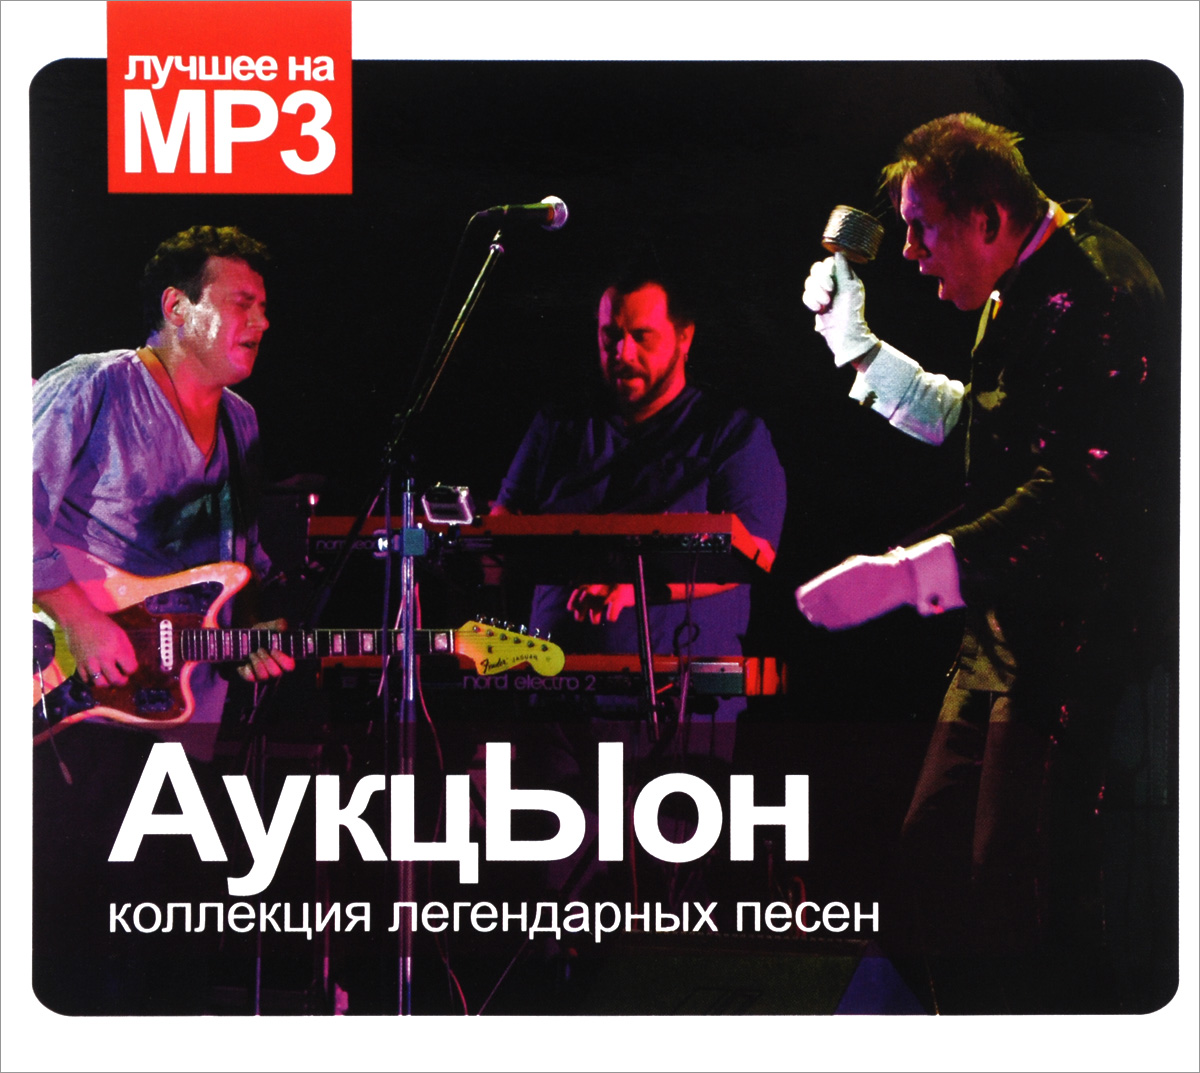 АукцЫон АукцЫон. Коллекция легендарных песен (mp3) аукцыон на солнце cd